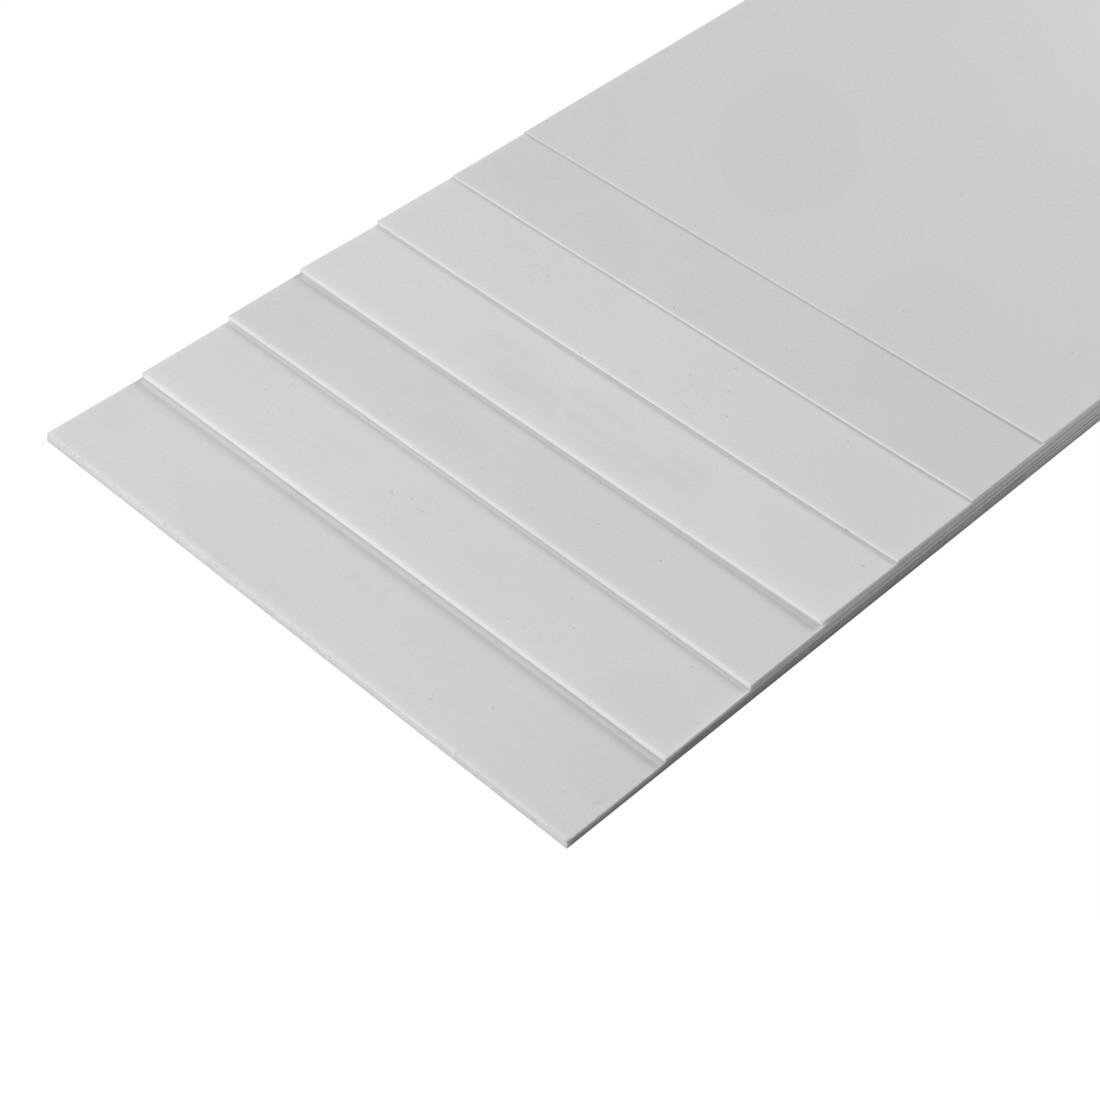 Feuille Styrène blanc mm. 194x320- mm. 0,75